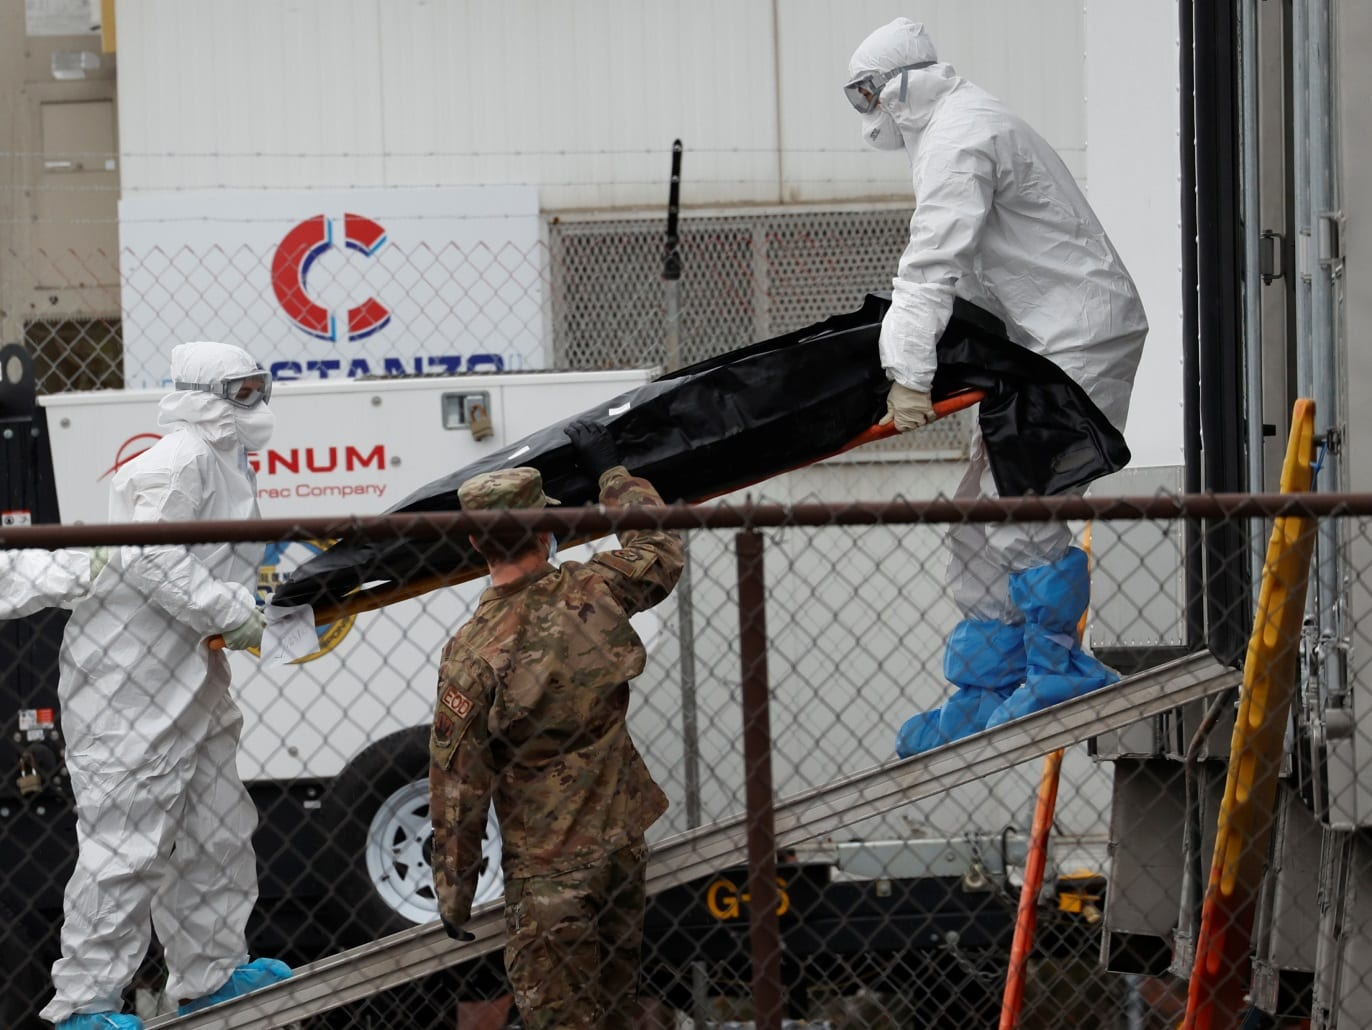 اليمن: الجيش الأبيض في معركة غير متكافئة مع فيروس كورونا